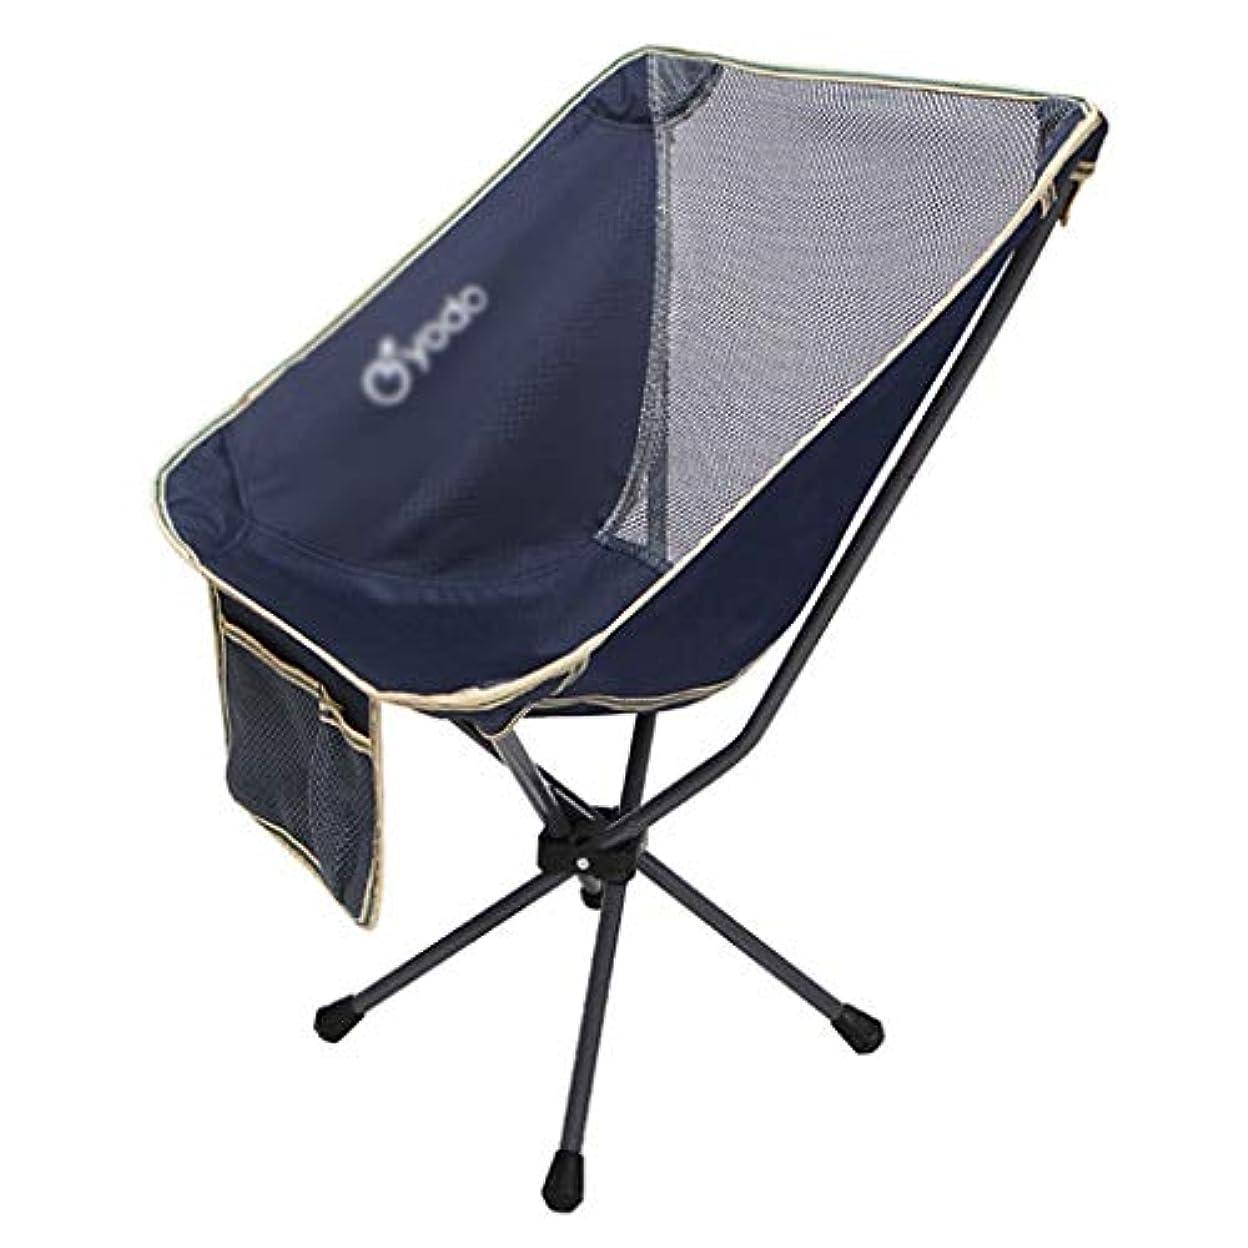 もの国歌嫌がる屋外折りたたみ椅子 ガーデンチェア 多目的釣り椅子 屋内怠惰なレジャーチェア、高速折りたたみ耐荷重100KG (Color : Blue, Size : 55*52*73cm)